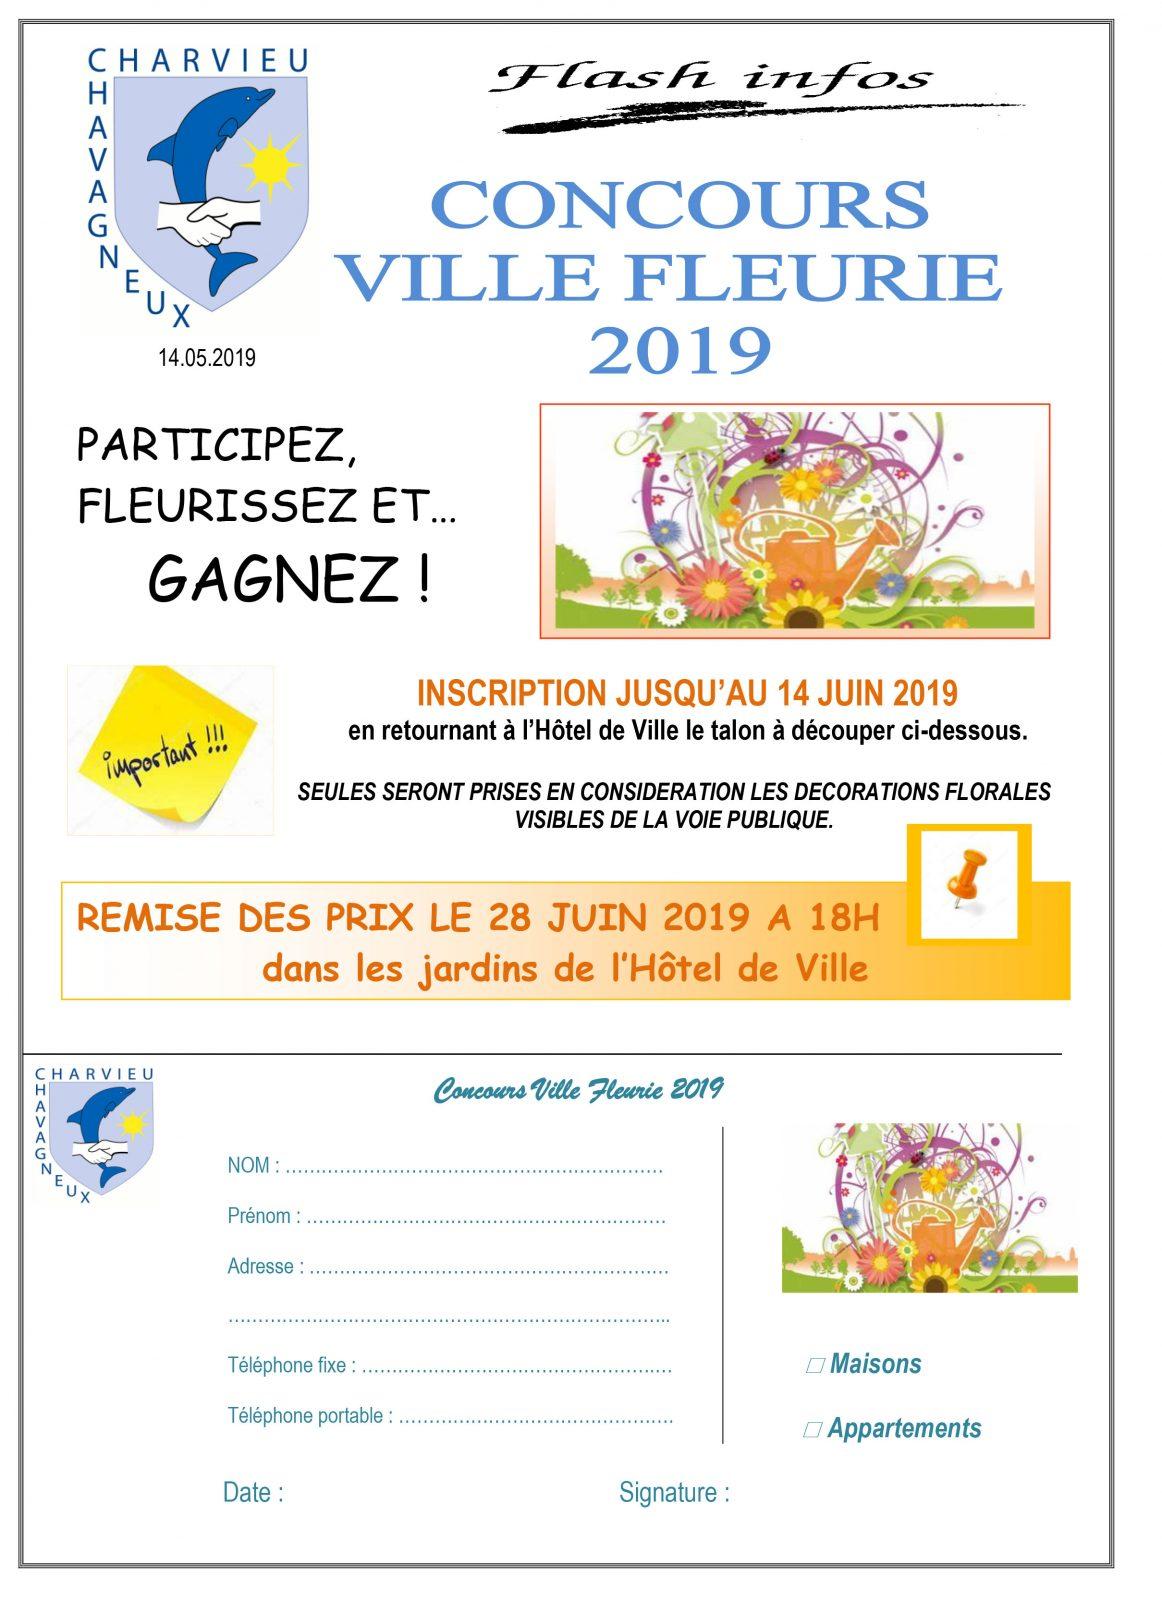 Concours 2019 Ville fleurie